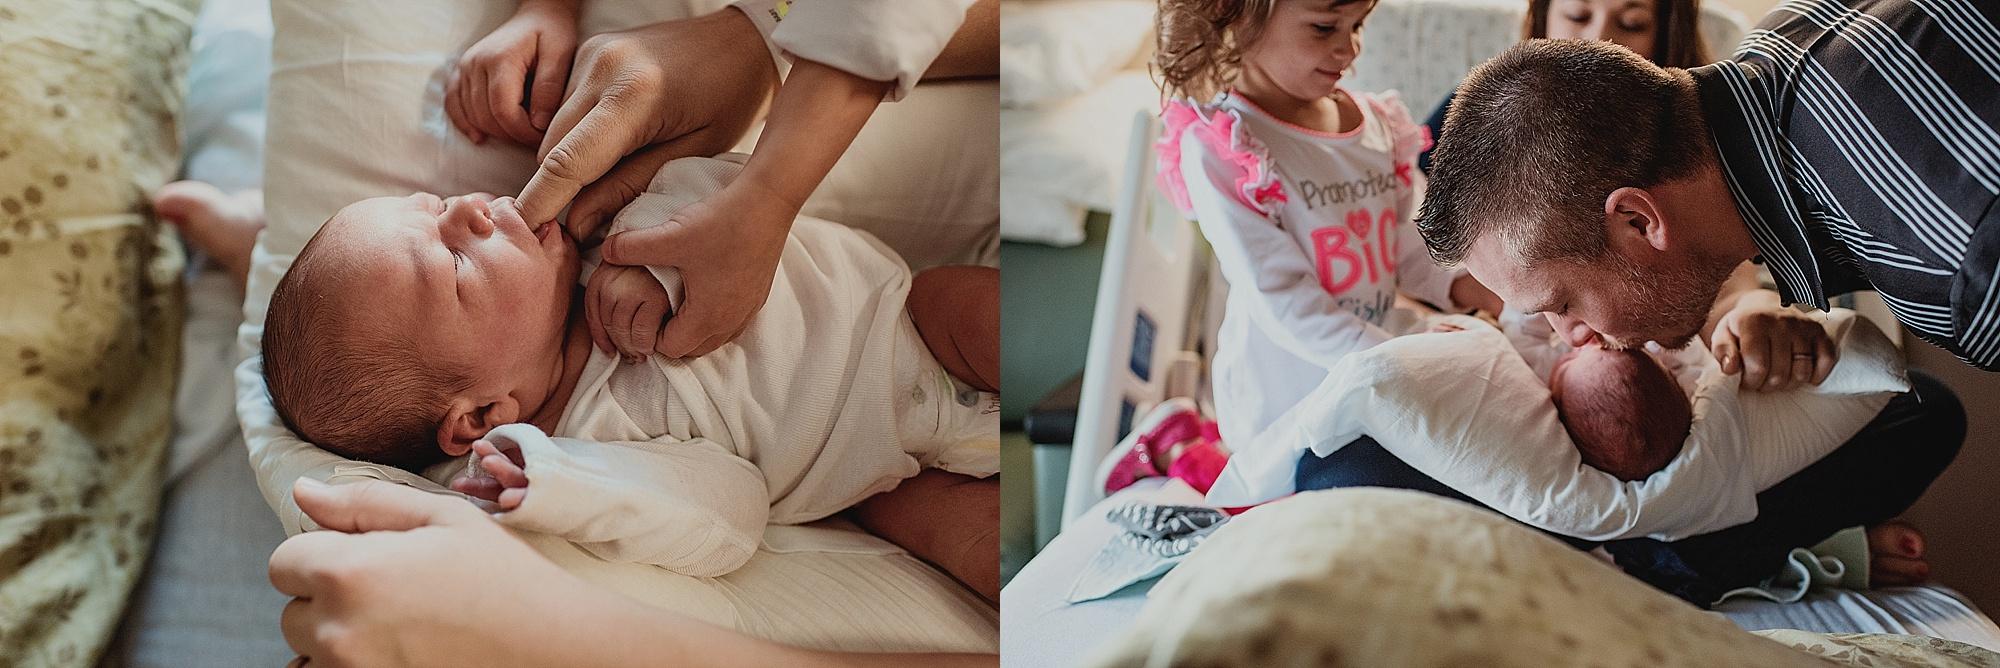 Dudones-family-cleveland-photographer-lauren-grayson-fresh-48-session_0019.jpg